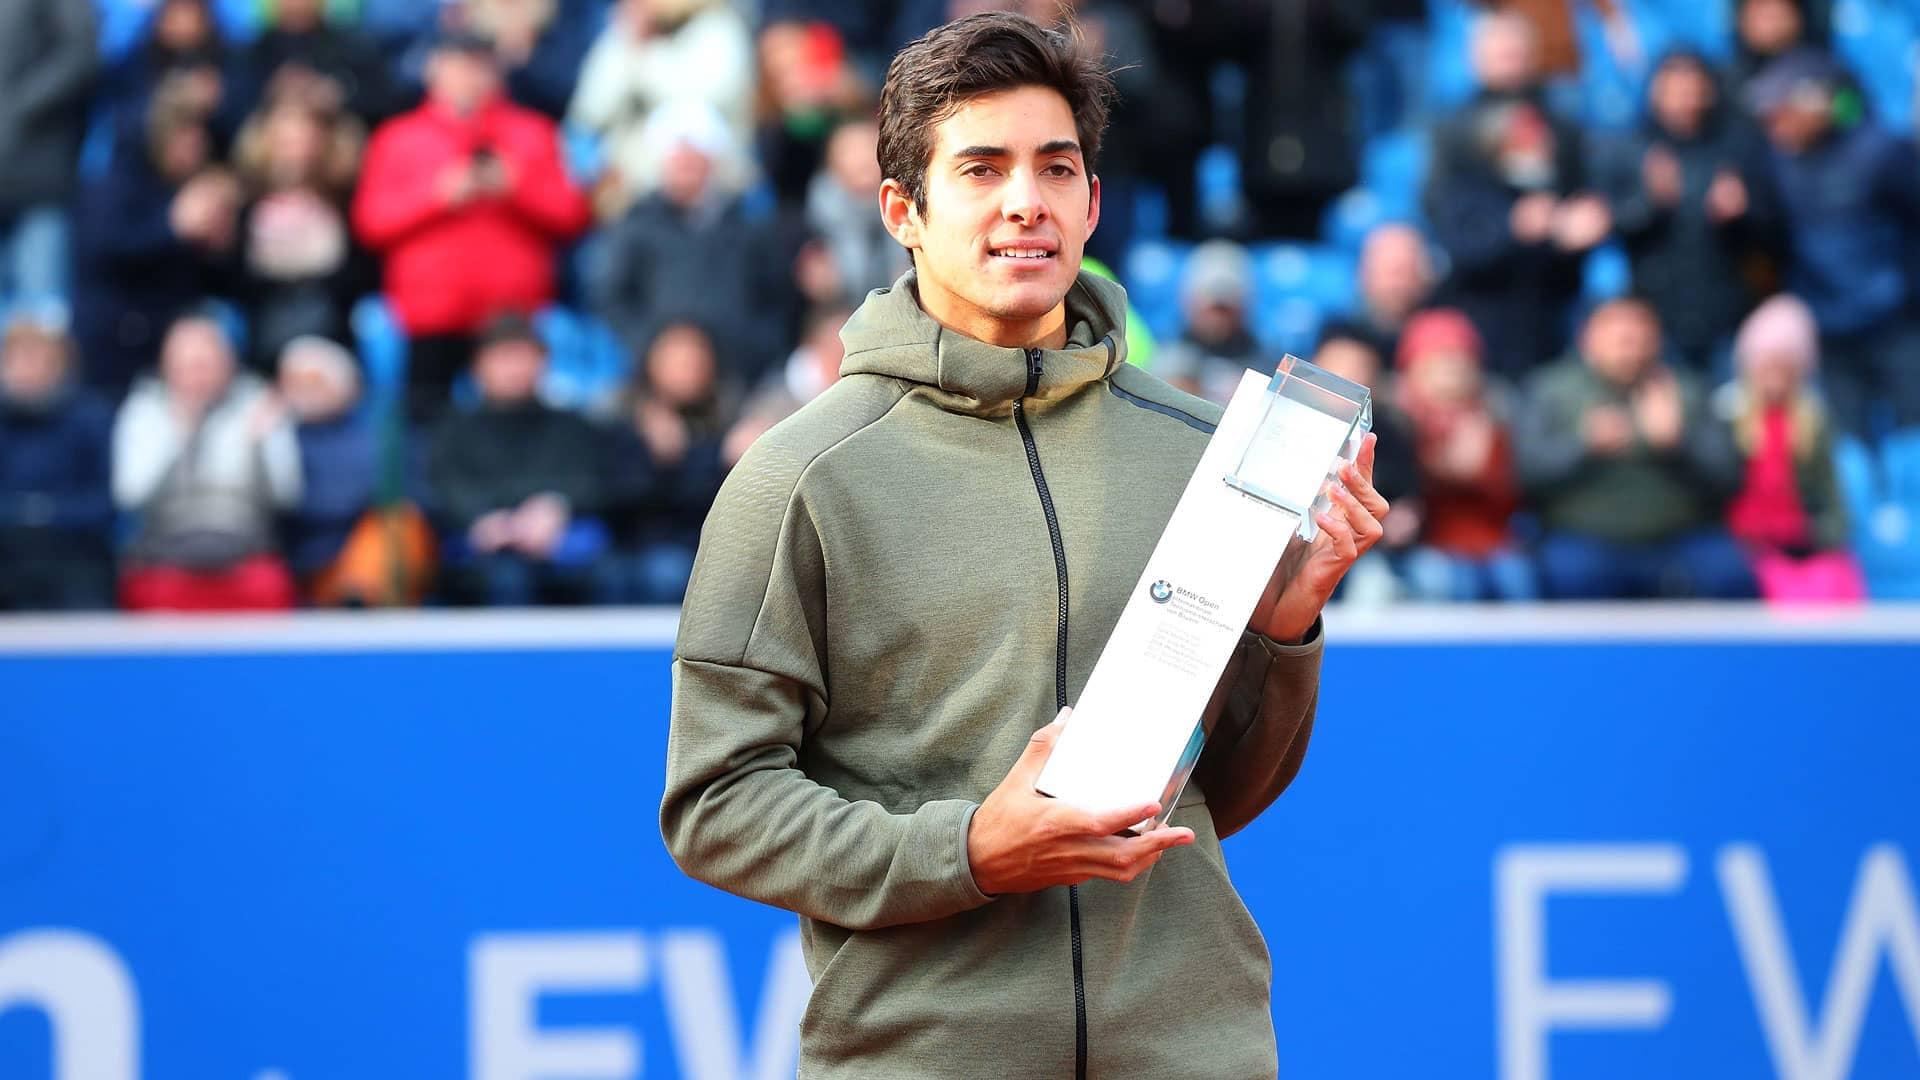 ATP MUNICH 2019 - Page 3 Garin-munich-trophy-2019